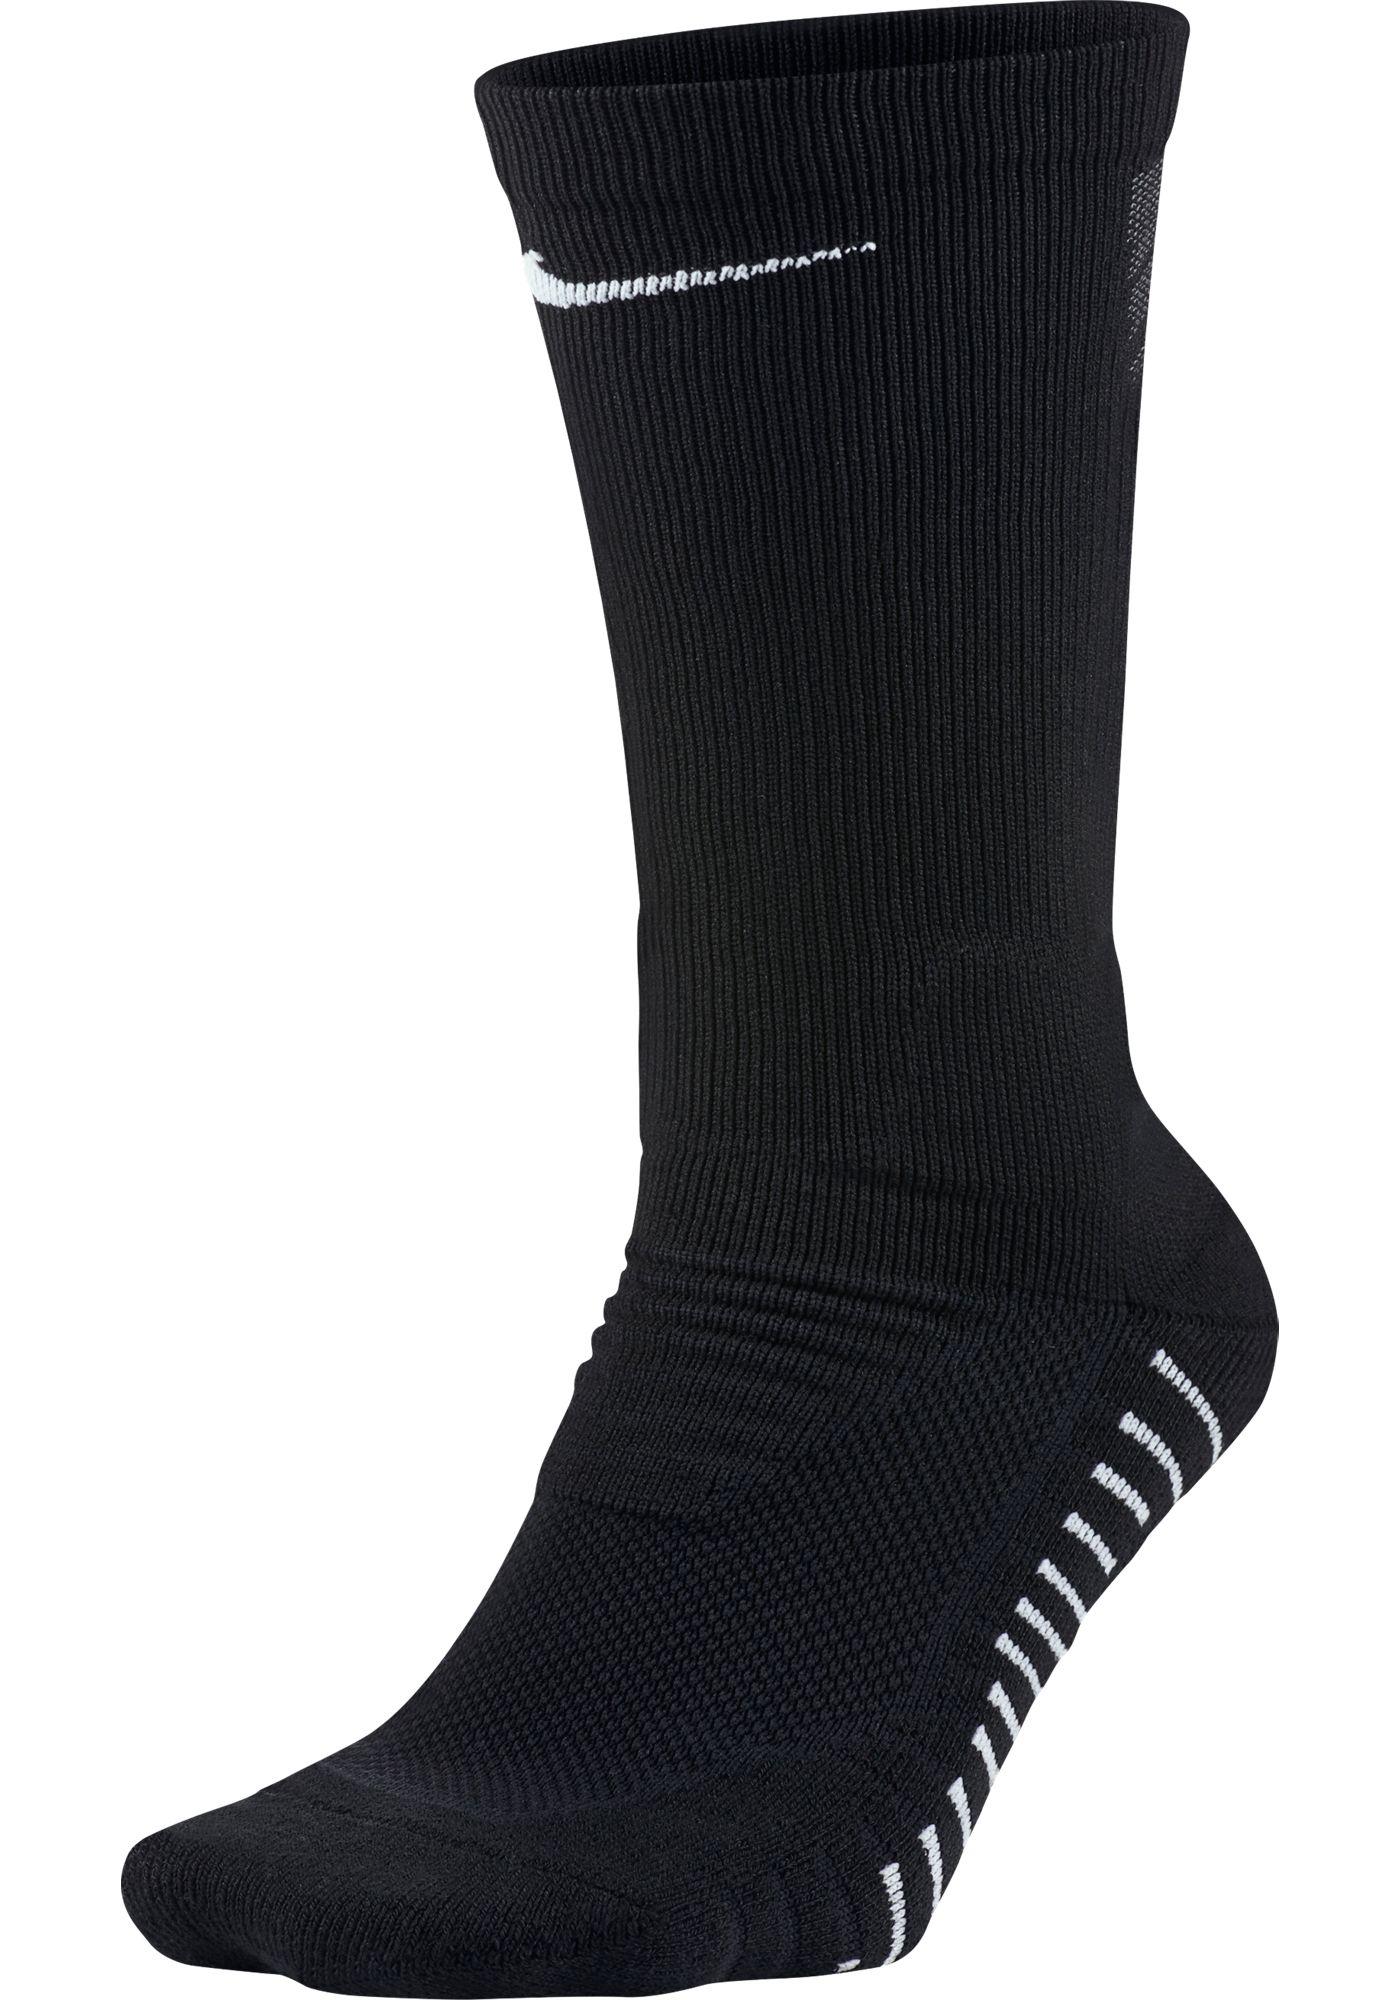 Nike Vapor Crew Socks